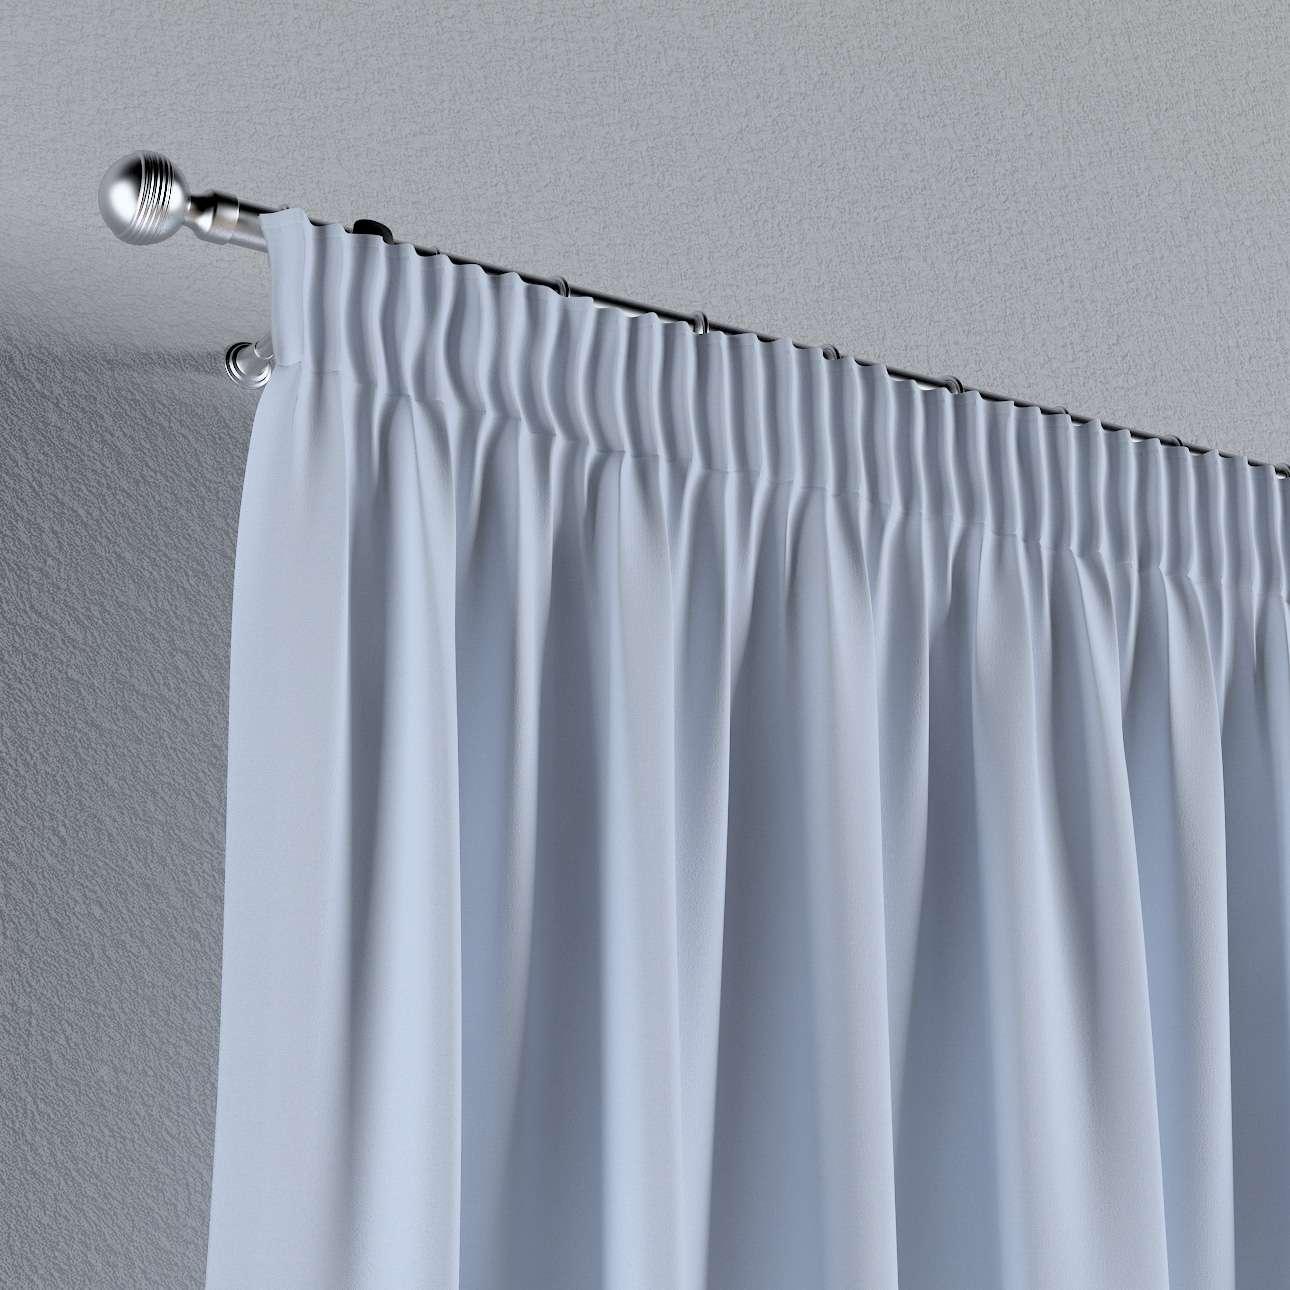 Vorhang mit Kräuselband 130 x 260 cm von der Kollektion Loneta, Stoff: 133-35